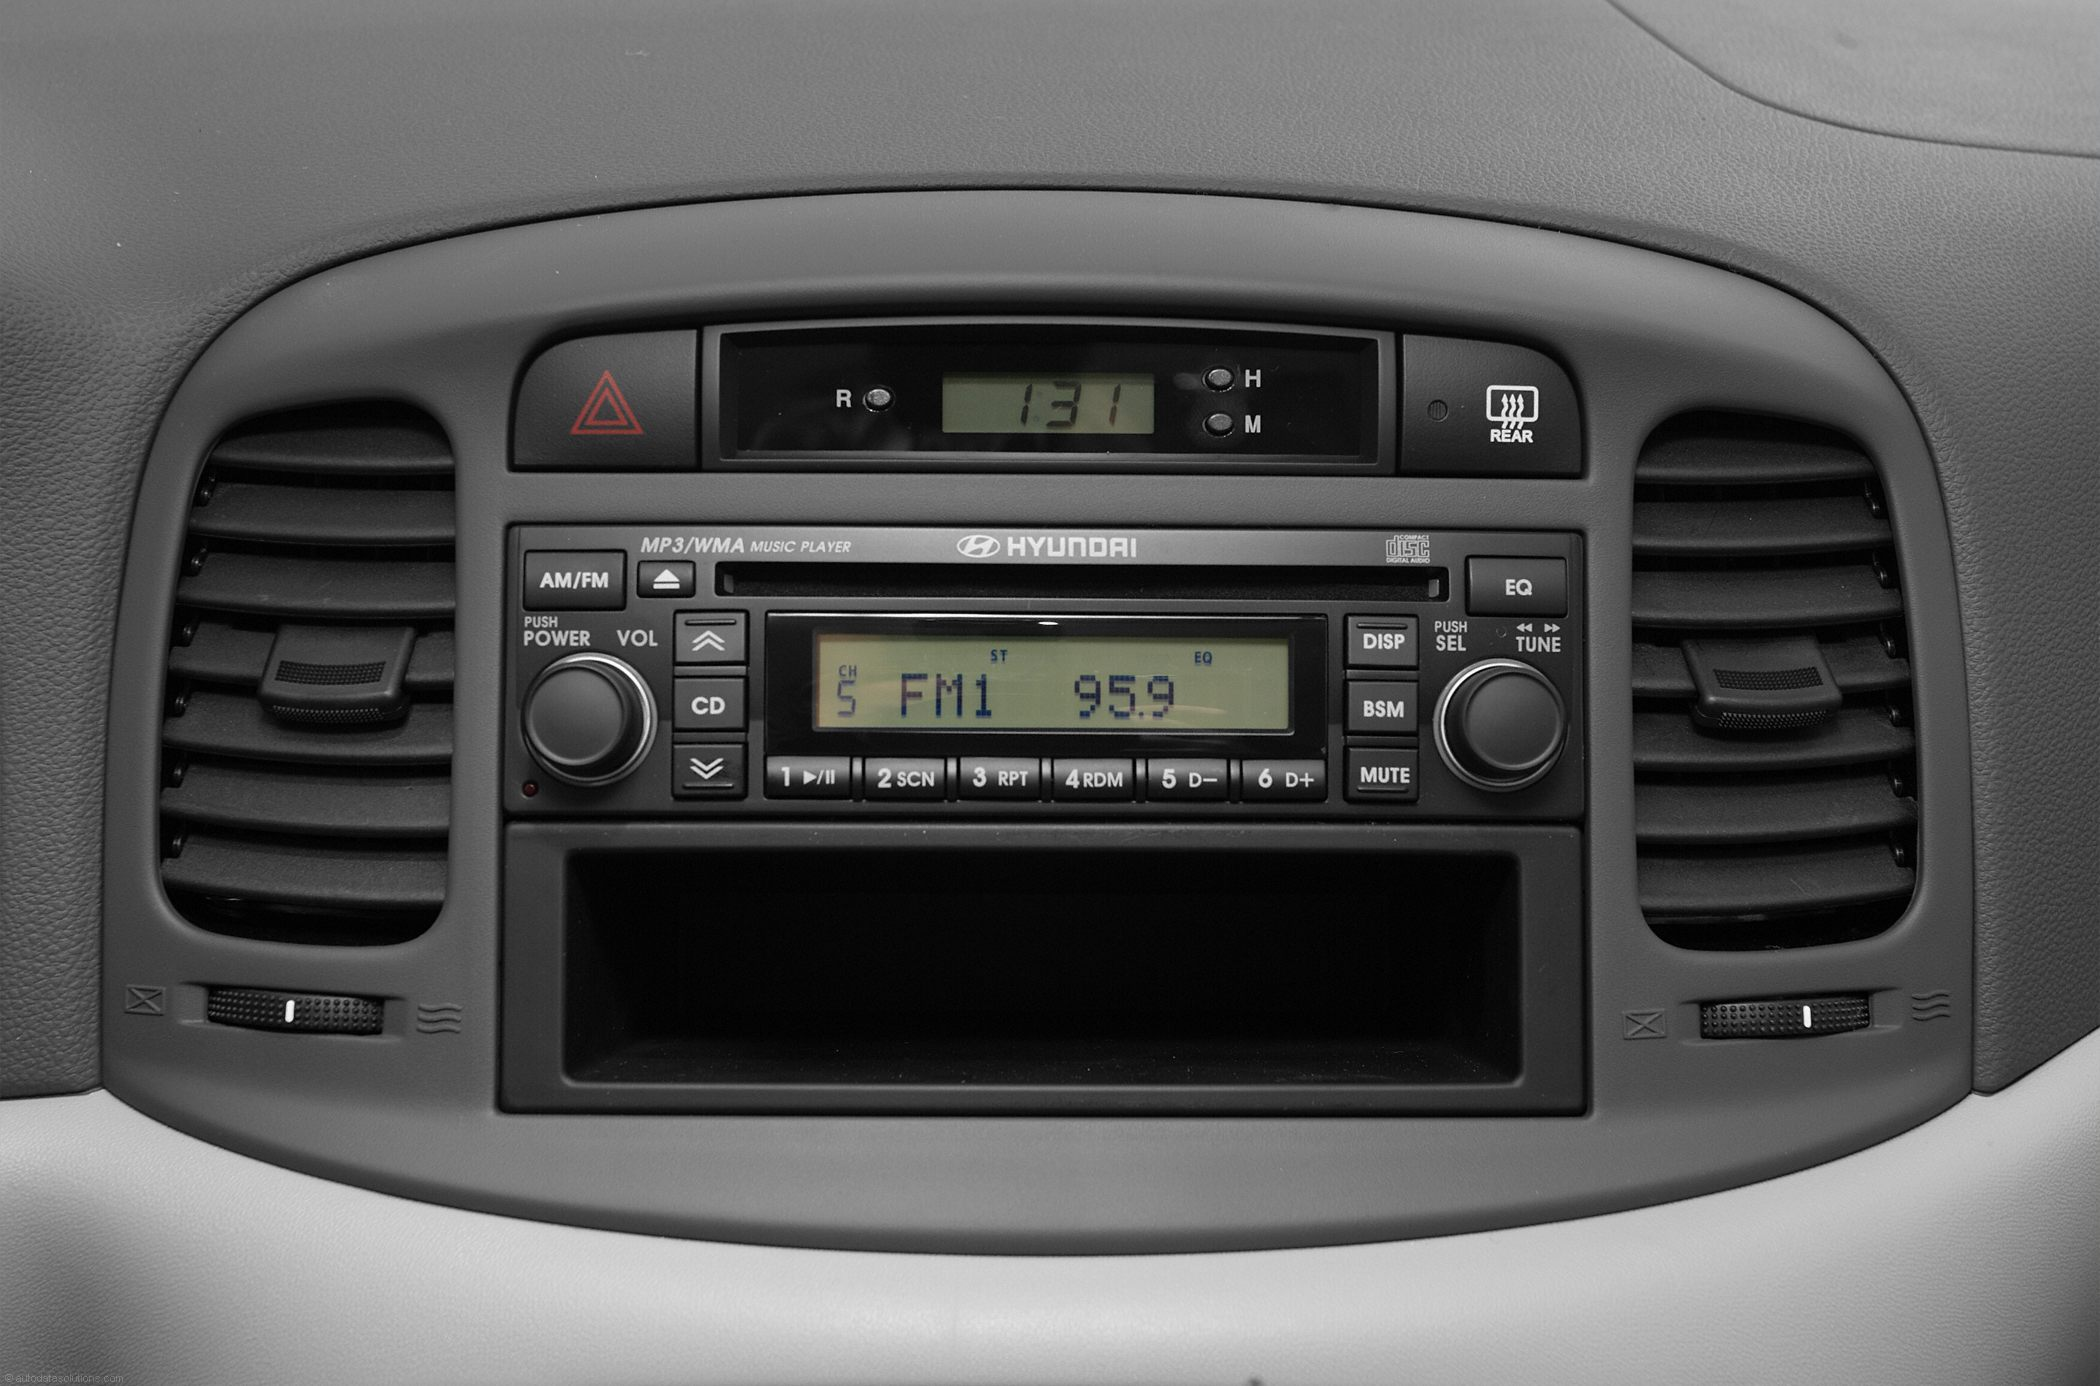 2008 Hyundai Accent Gls Interior Brokeasshome Com